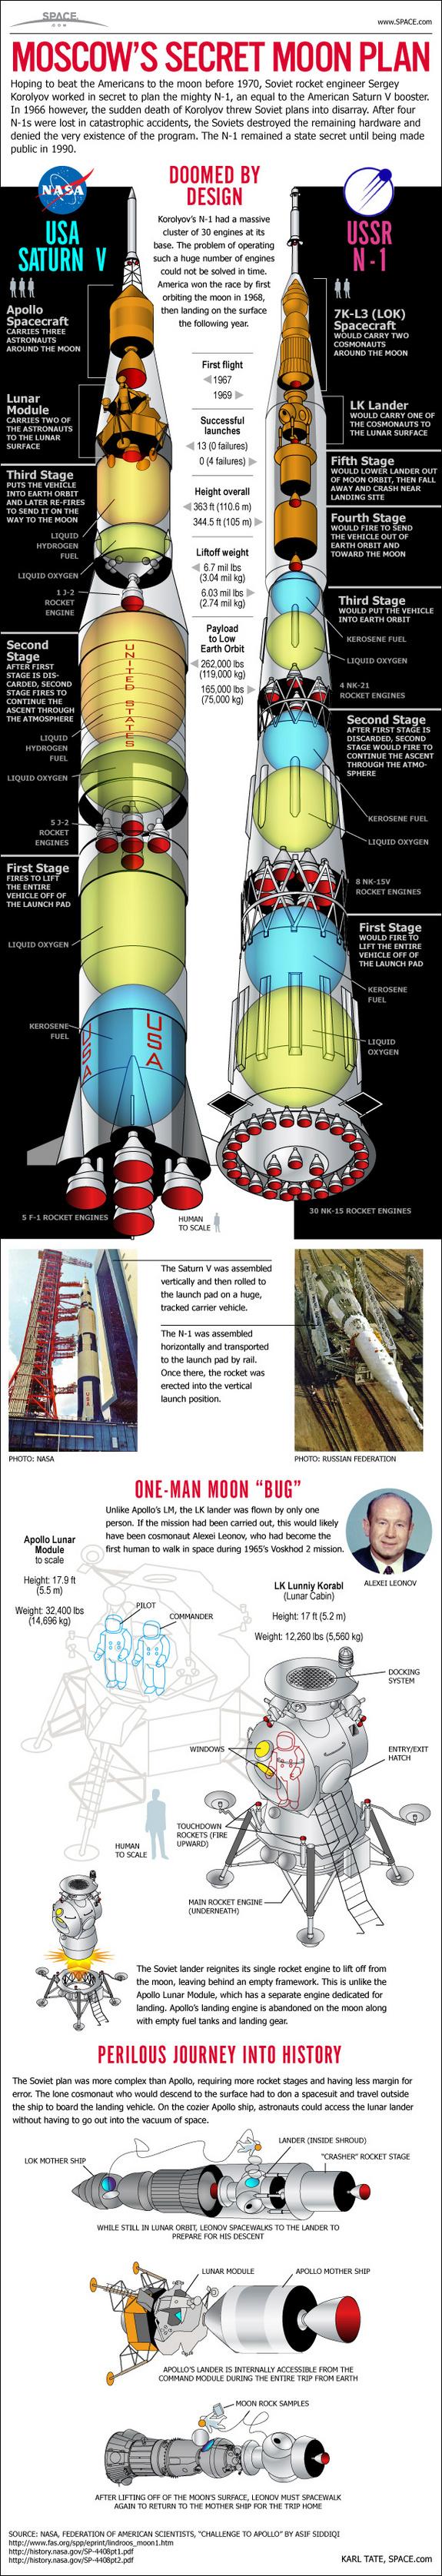 soviet-n1-moon-rocket-110118b-02